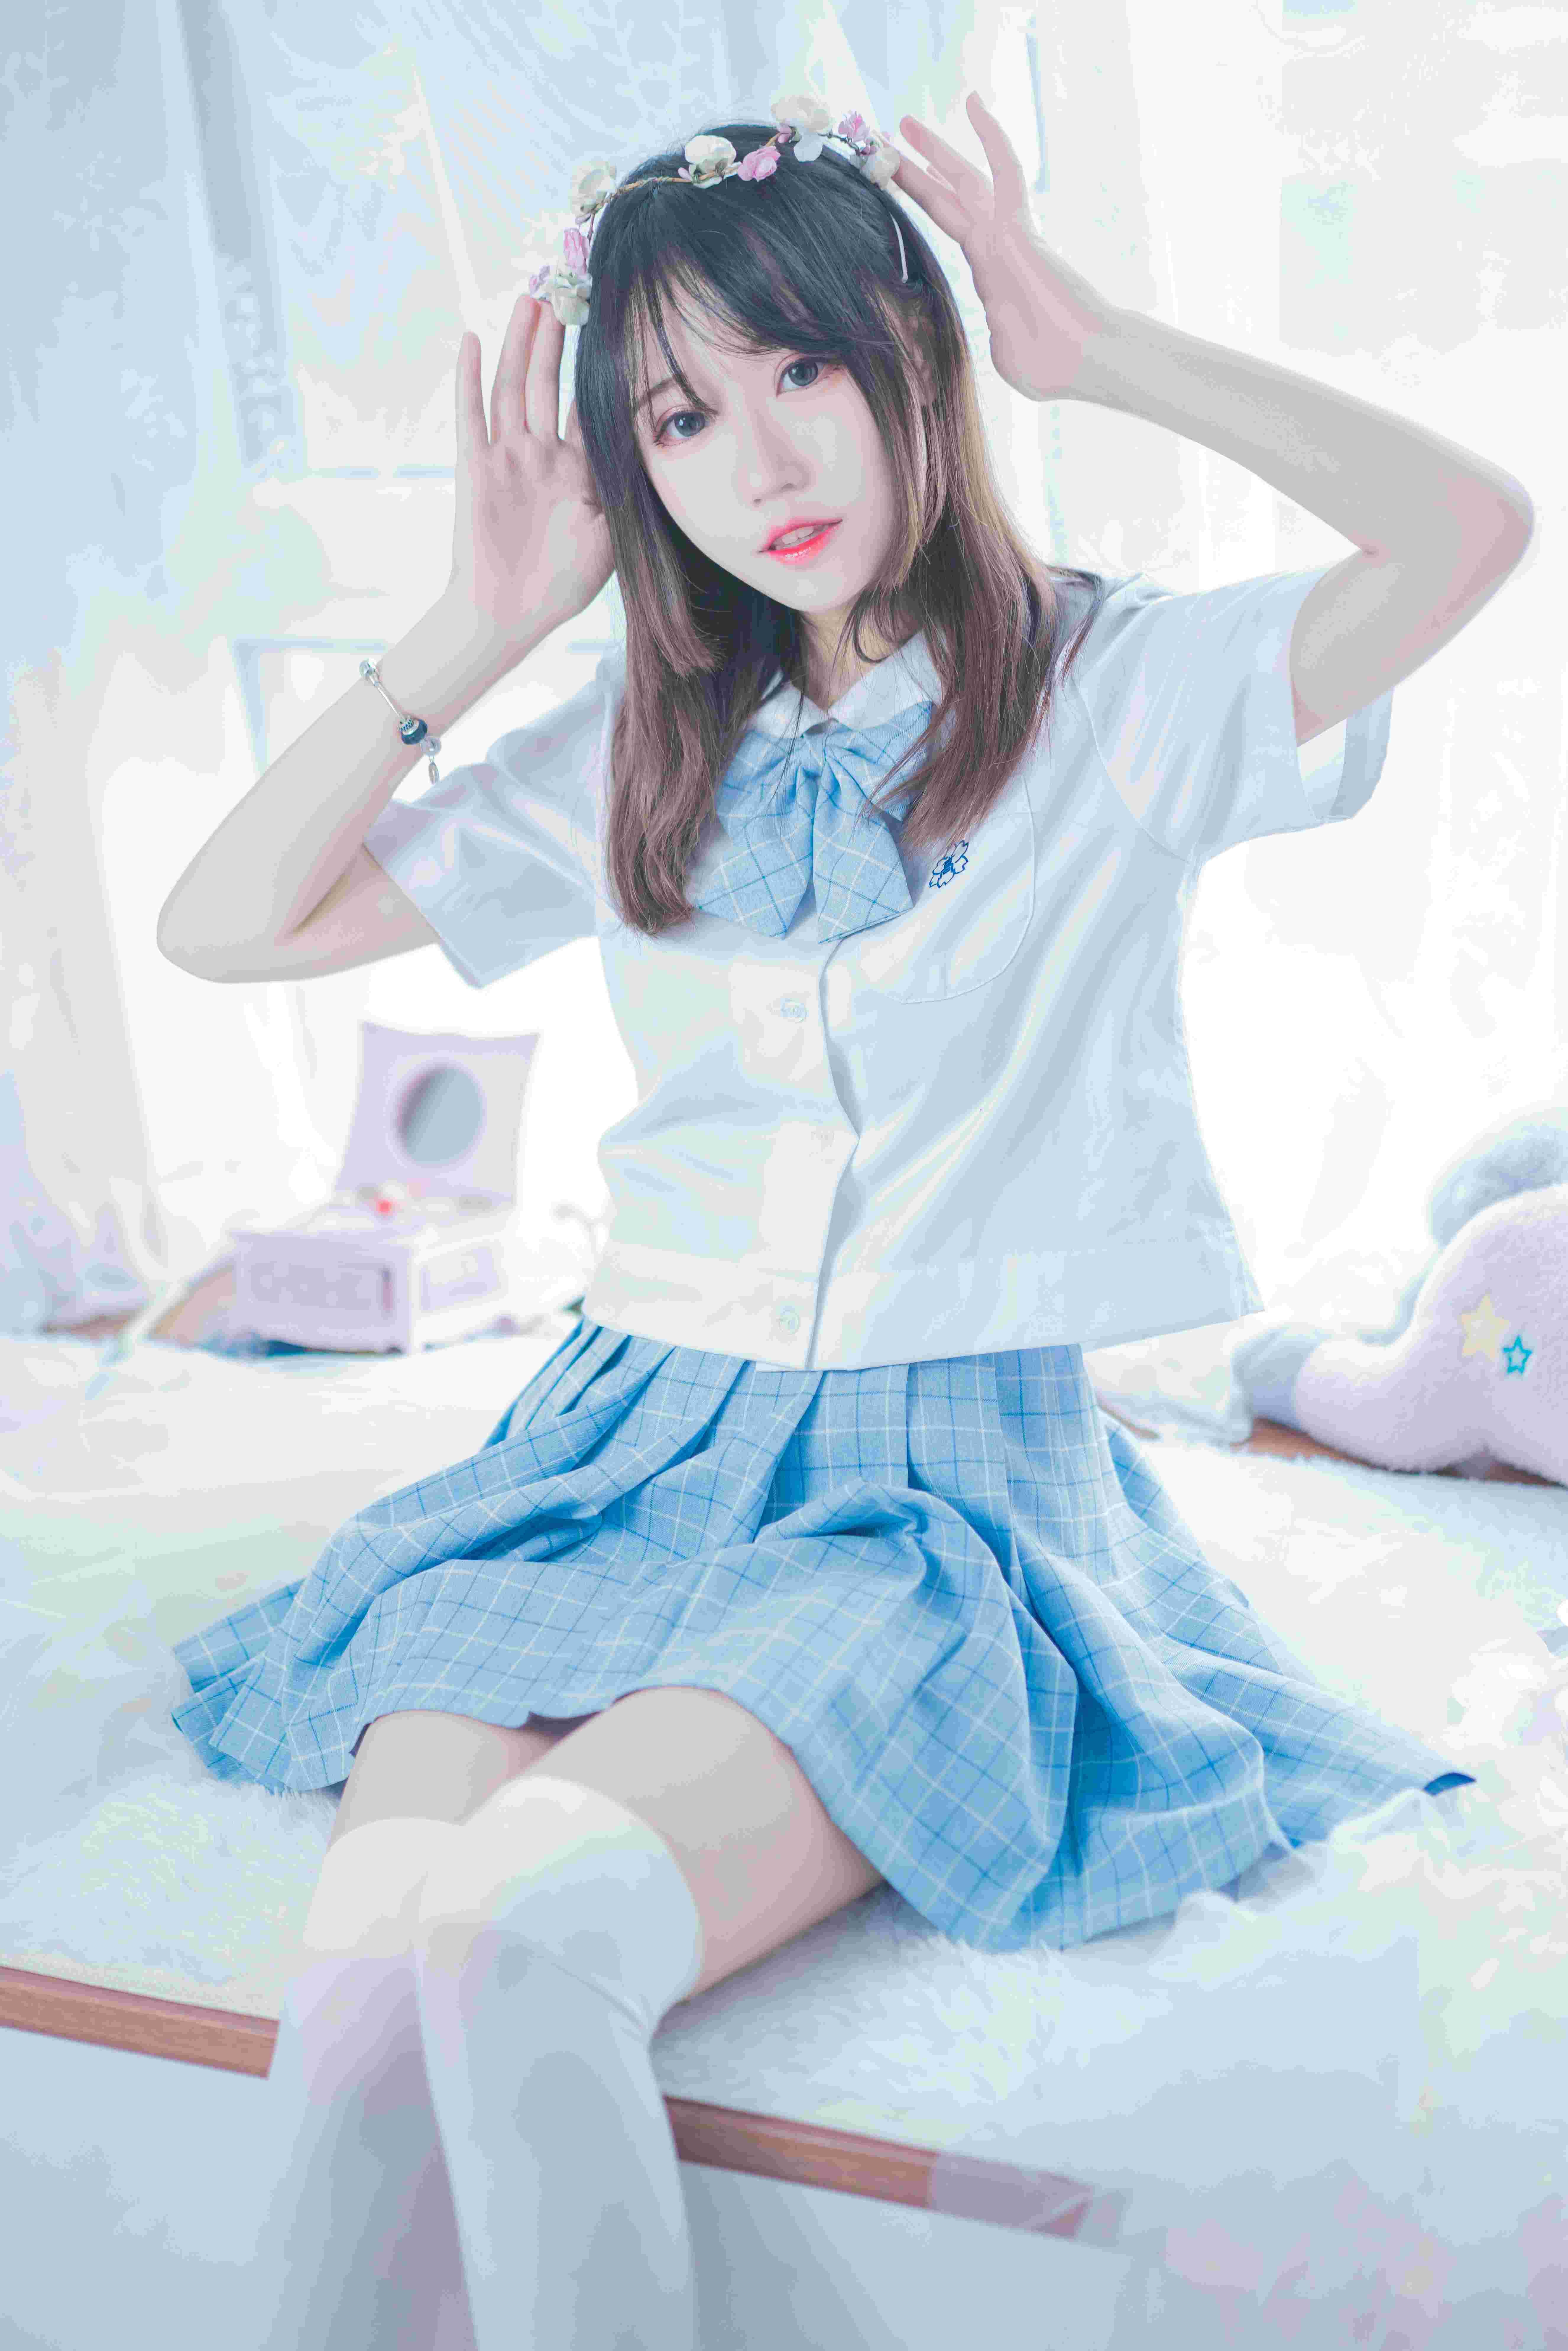 猫君君_MaoJun清凉一夏写真,甜美JK女友